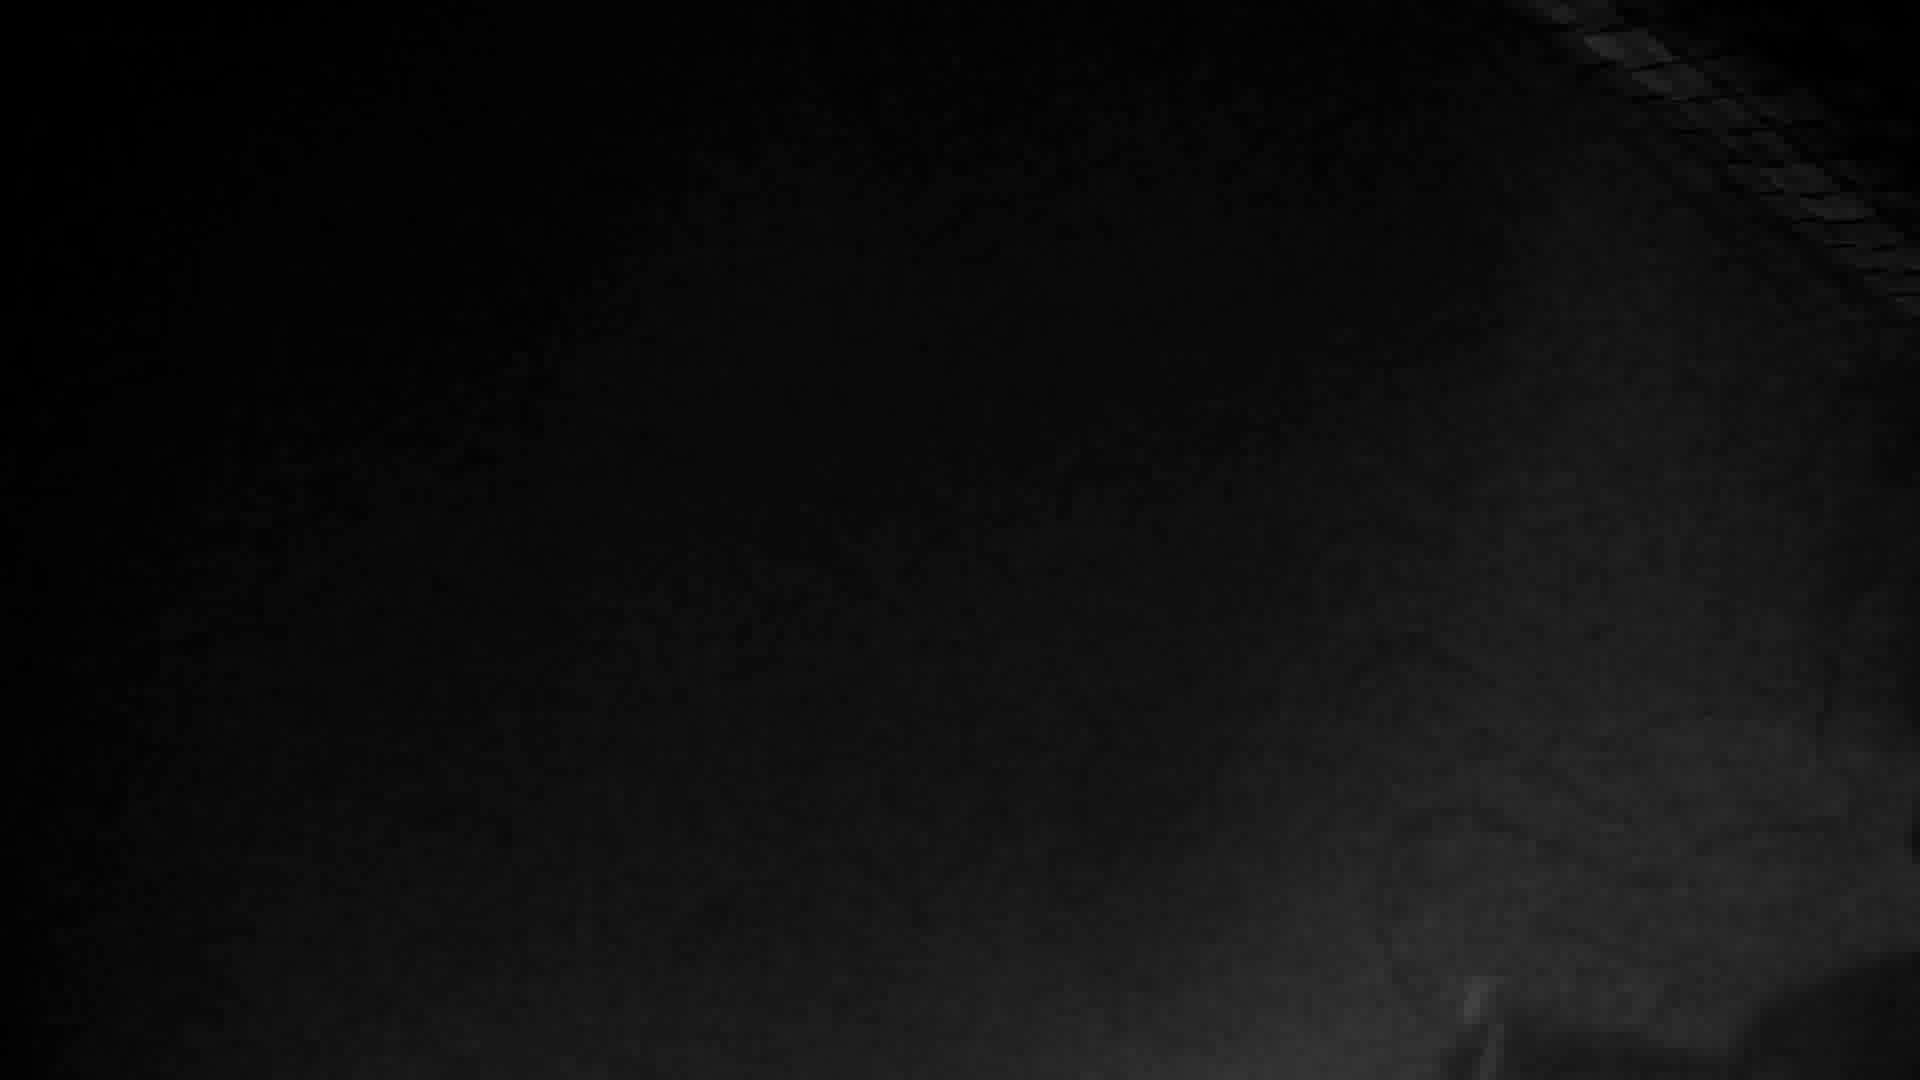 ▲復活限定D▲第三体育館潜入撮File018 夏帆に激似現役の未開発の下を 体育館 オマンコ無修正動画無料 96枚 90